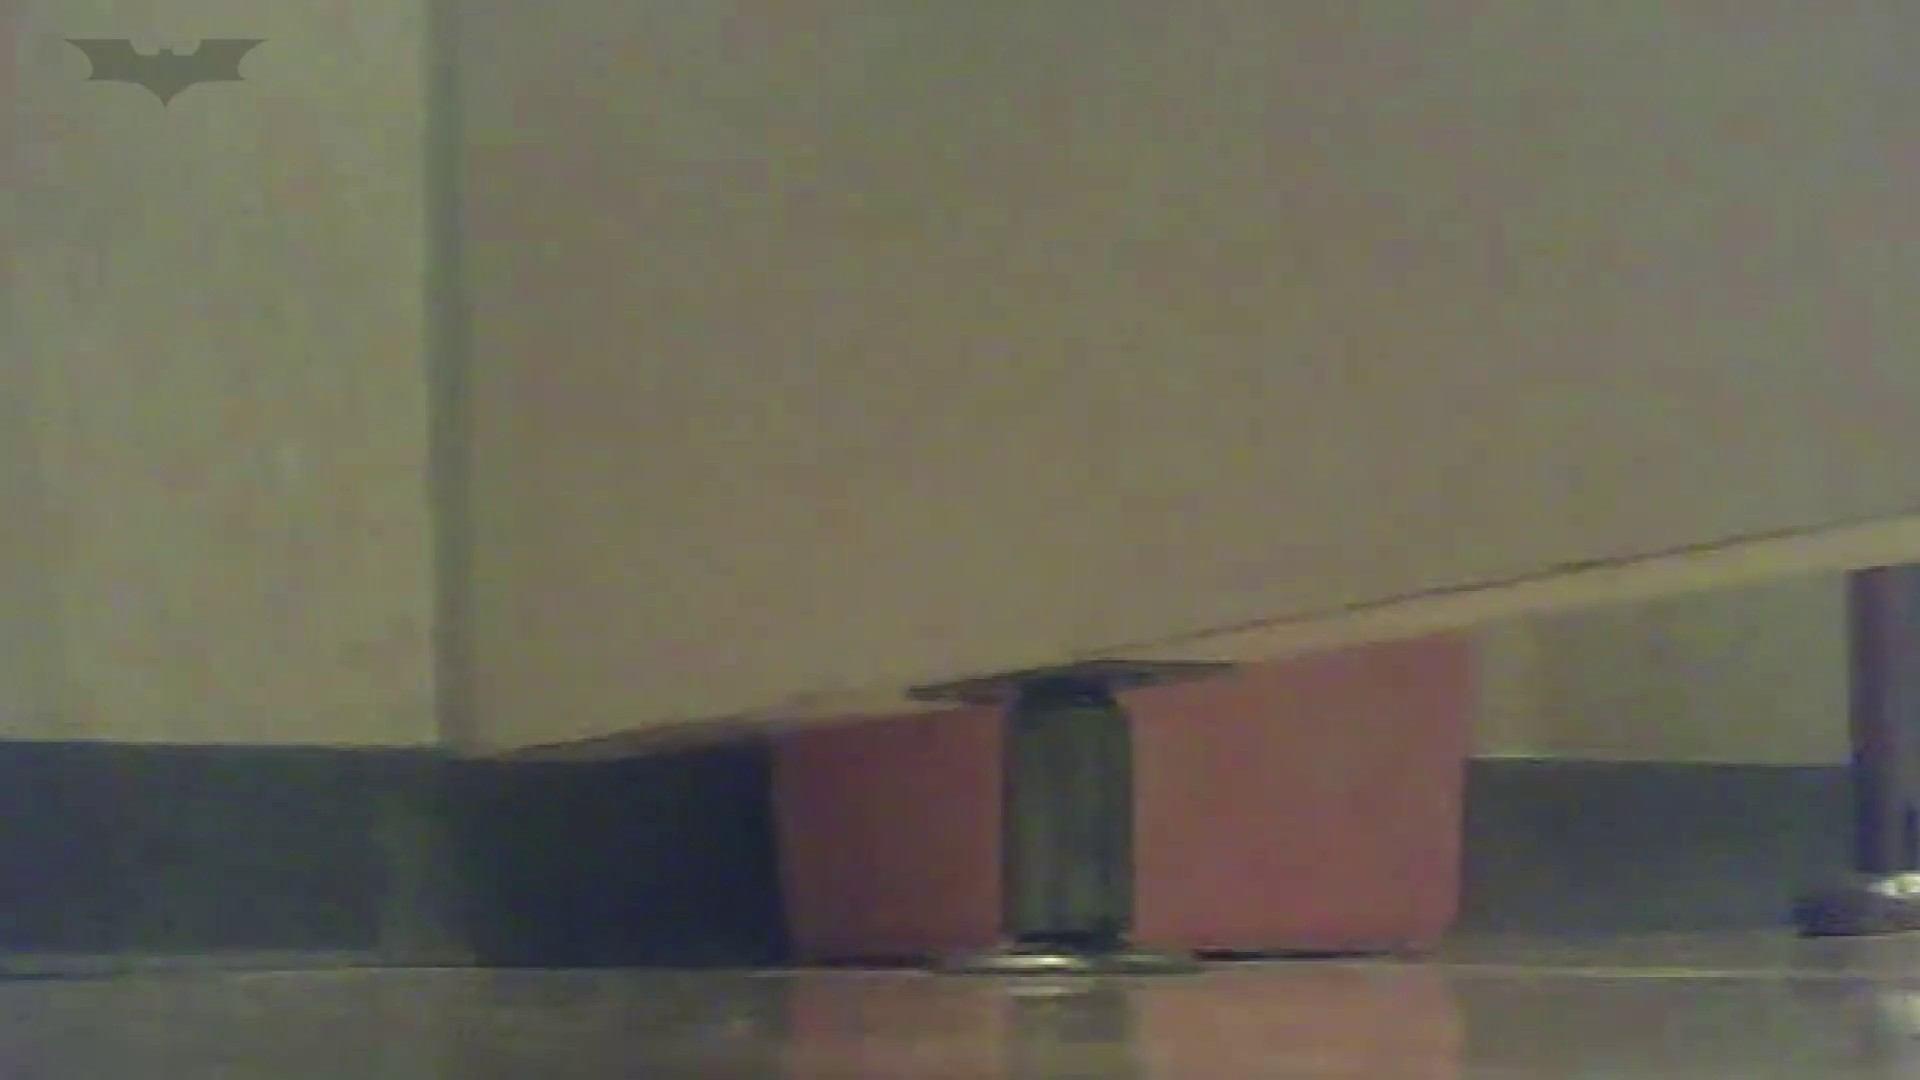 夏の思い出浜辺トイレ盗撮Vol.18 潜入エロ調査 | 盗撮エロすぎ  65連発 12